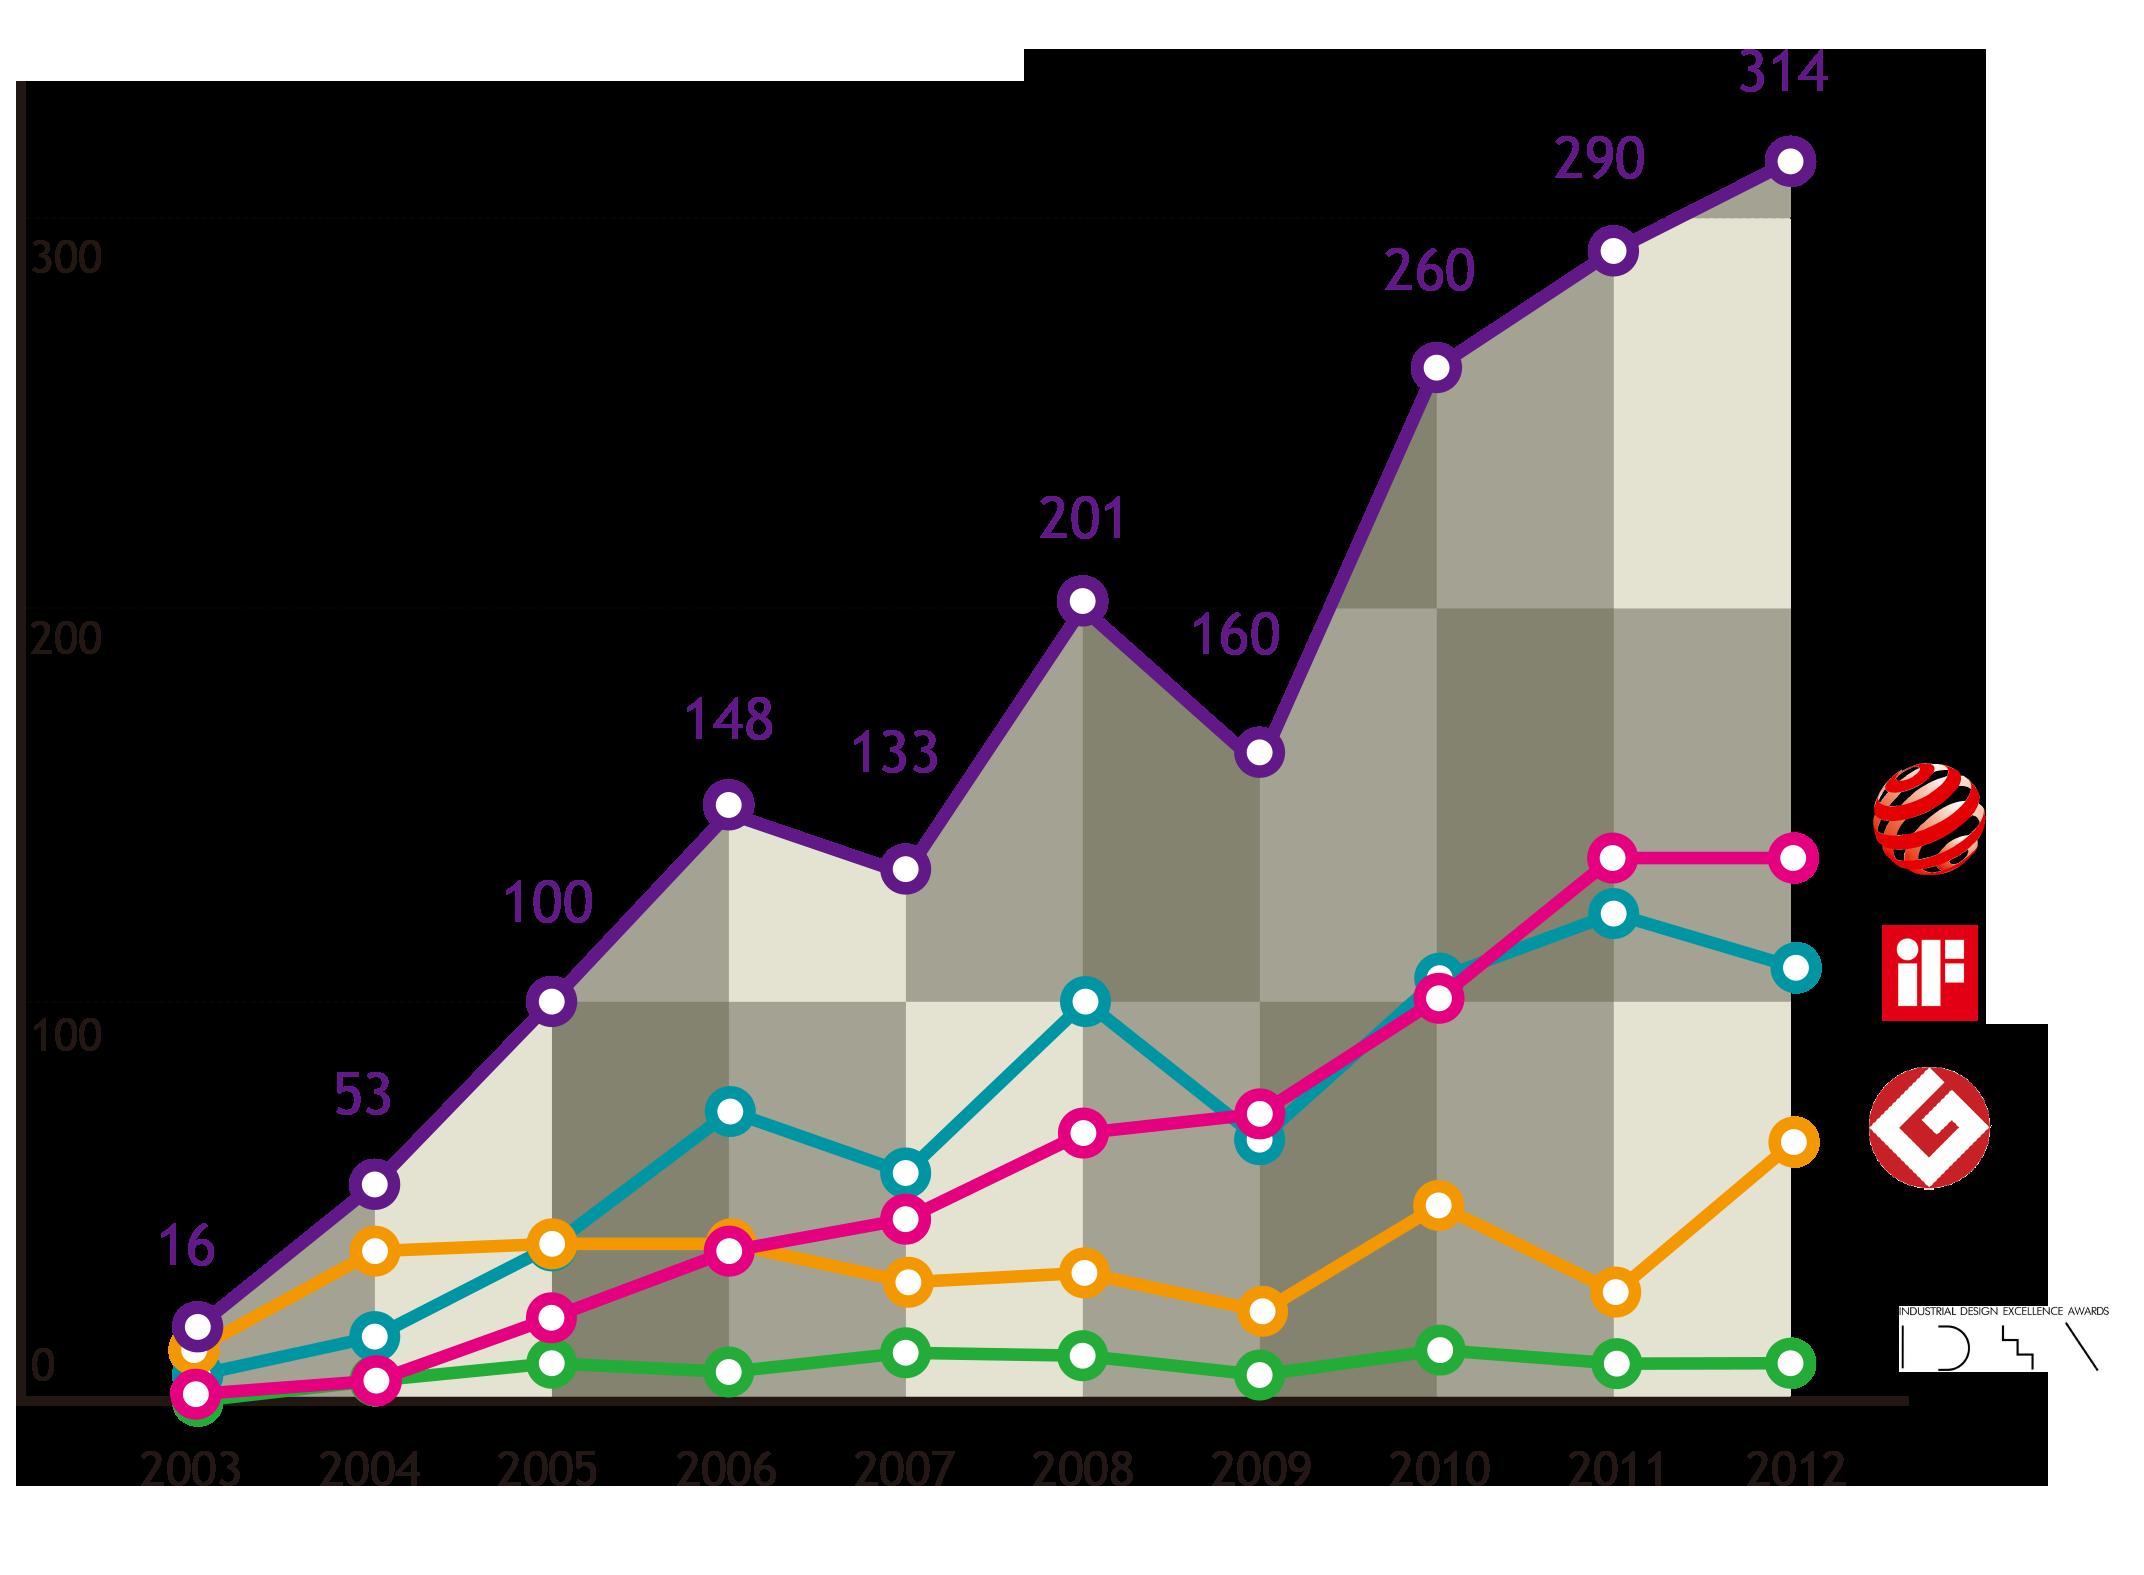 在2003 年時,台灣在iF、Red Dot、G-mark及IDEA四大國際賽事中,累計得獎件數不到20件;到了2012 年,臺灣累計得獎產品高達314 件,作品達1,675 項,其中,首獎就有52 件。